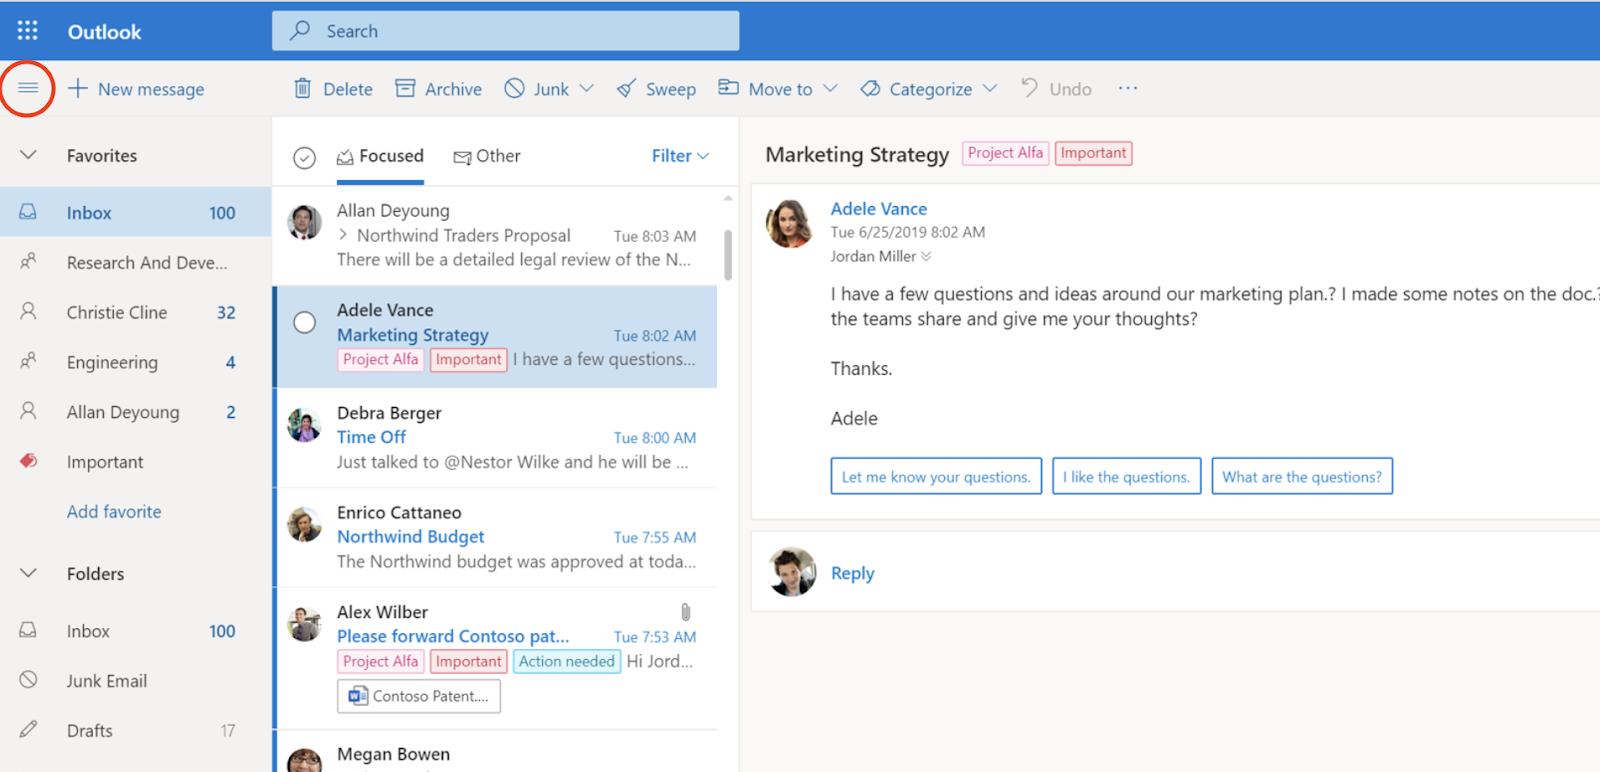 Screenshot von Outlook mit Hamburger-Icon, um Menü einzuklappen.